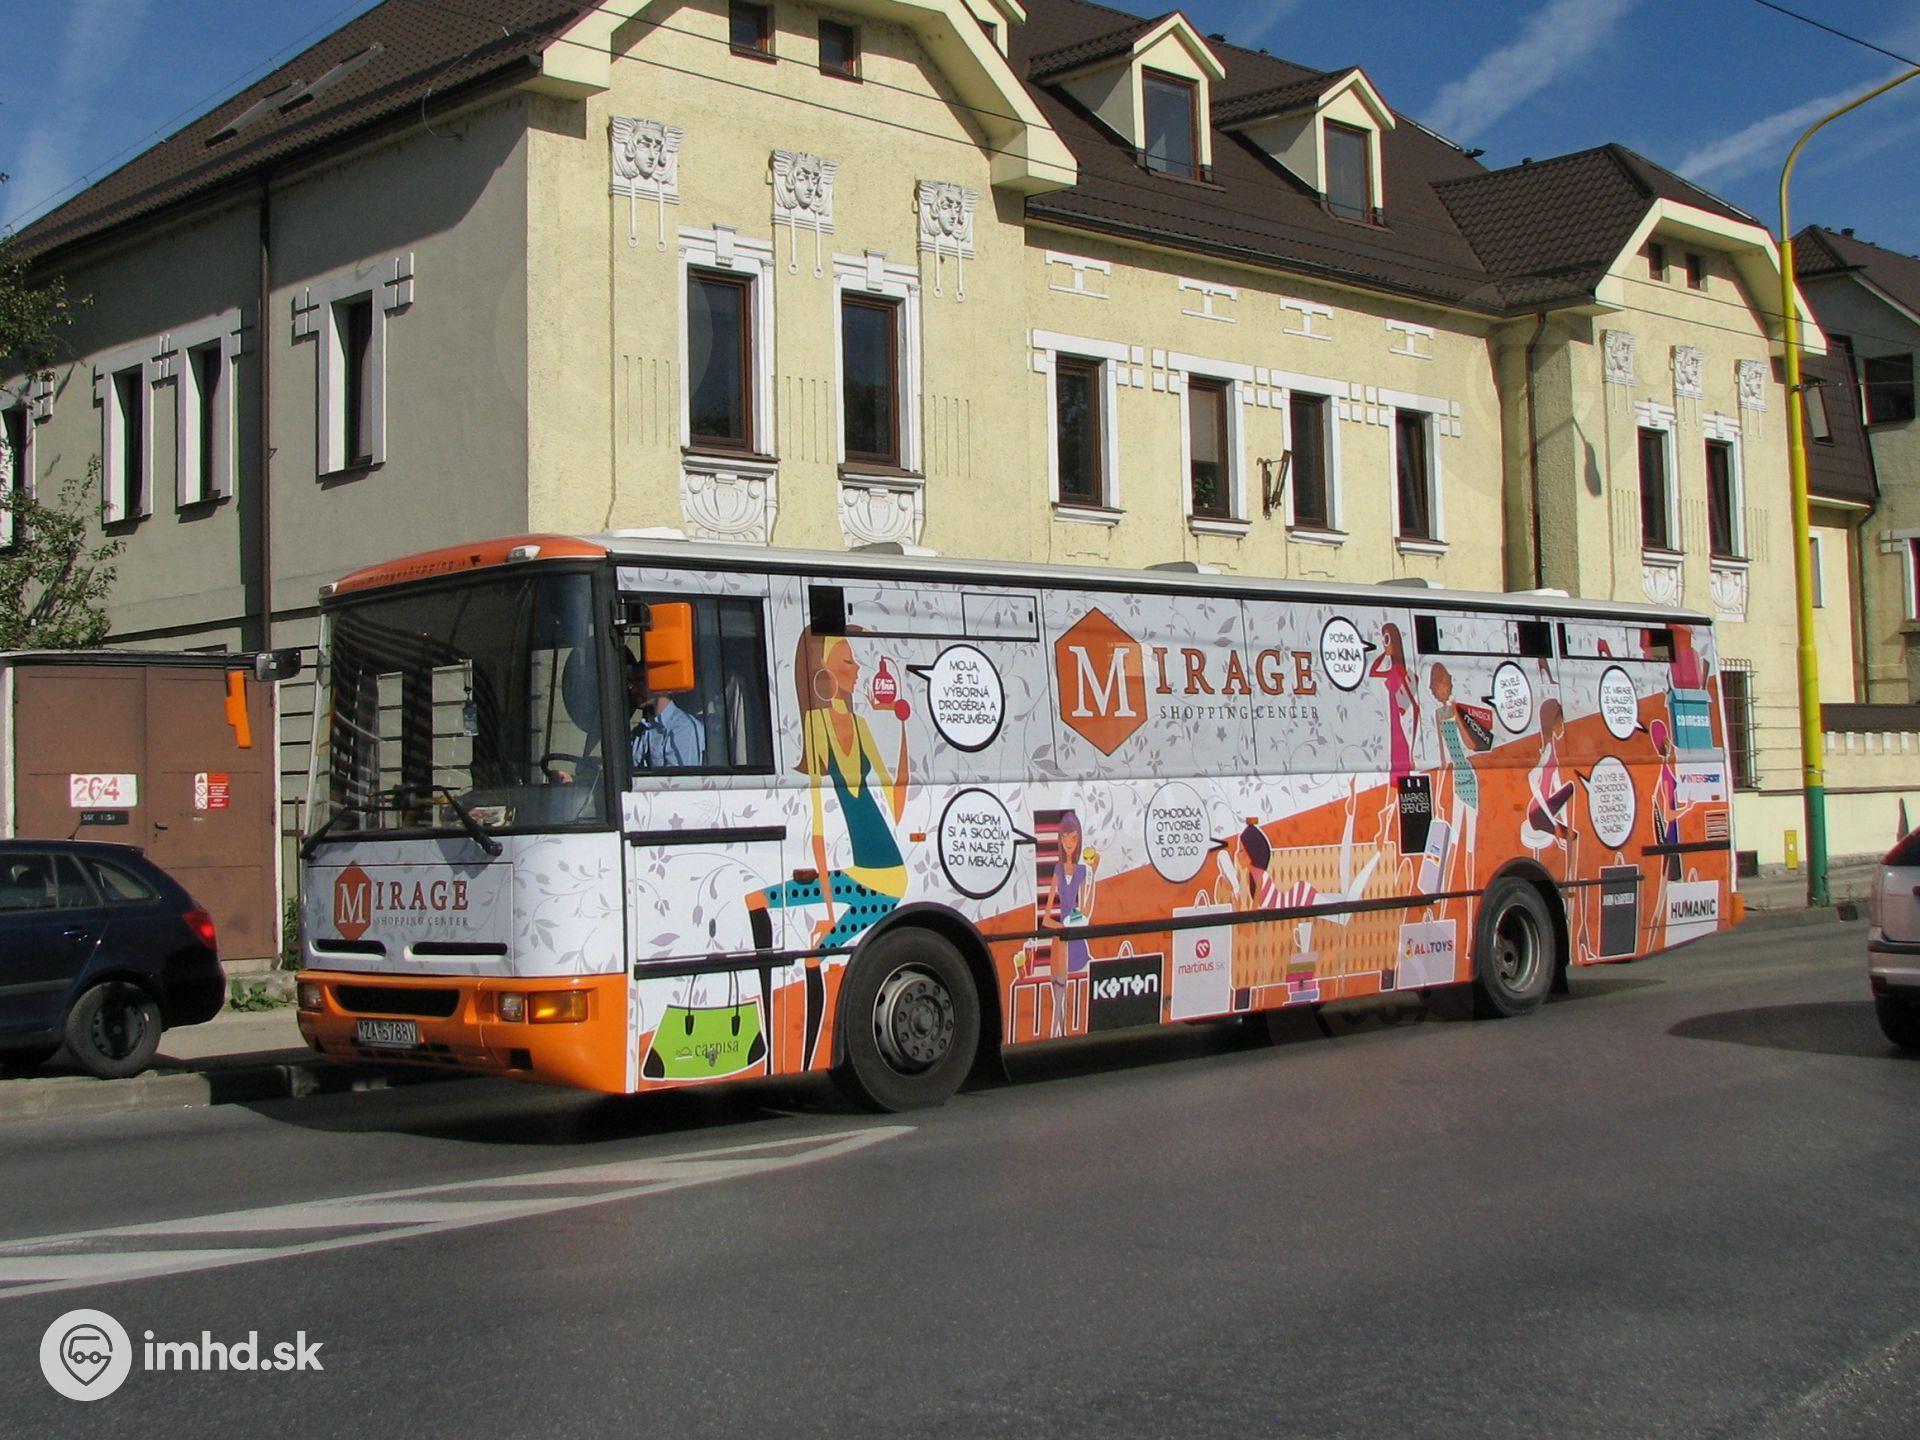 ZA-578BV, route MirageBus, Ul  P  O  Hviezdoslava • imhd sk